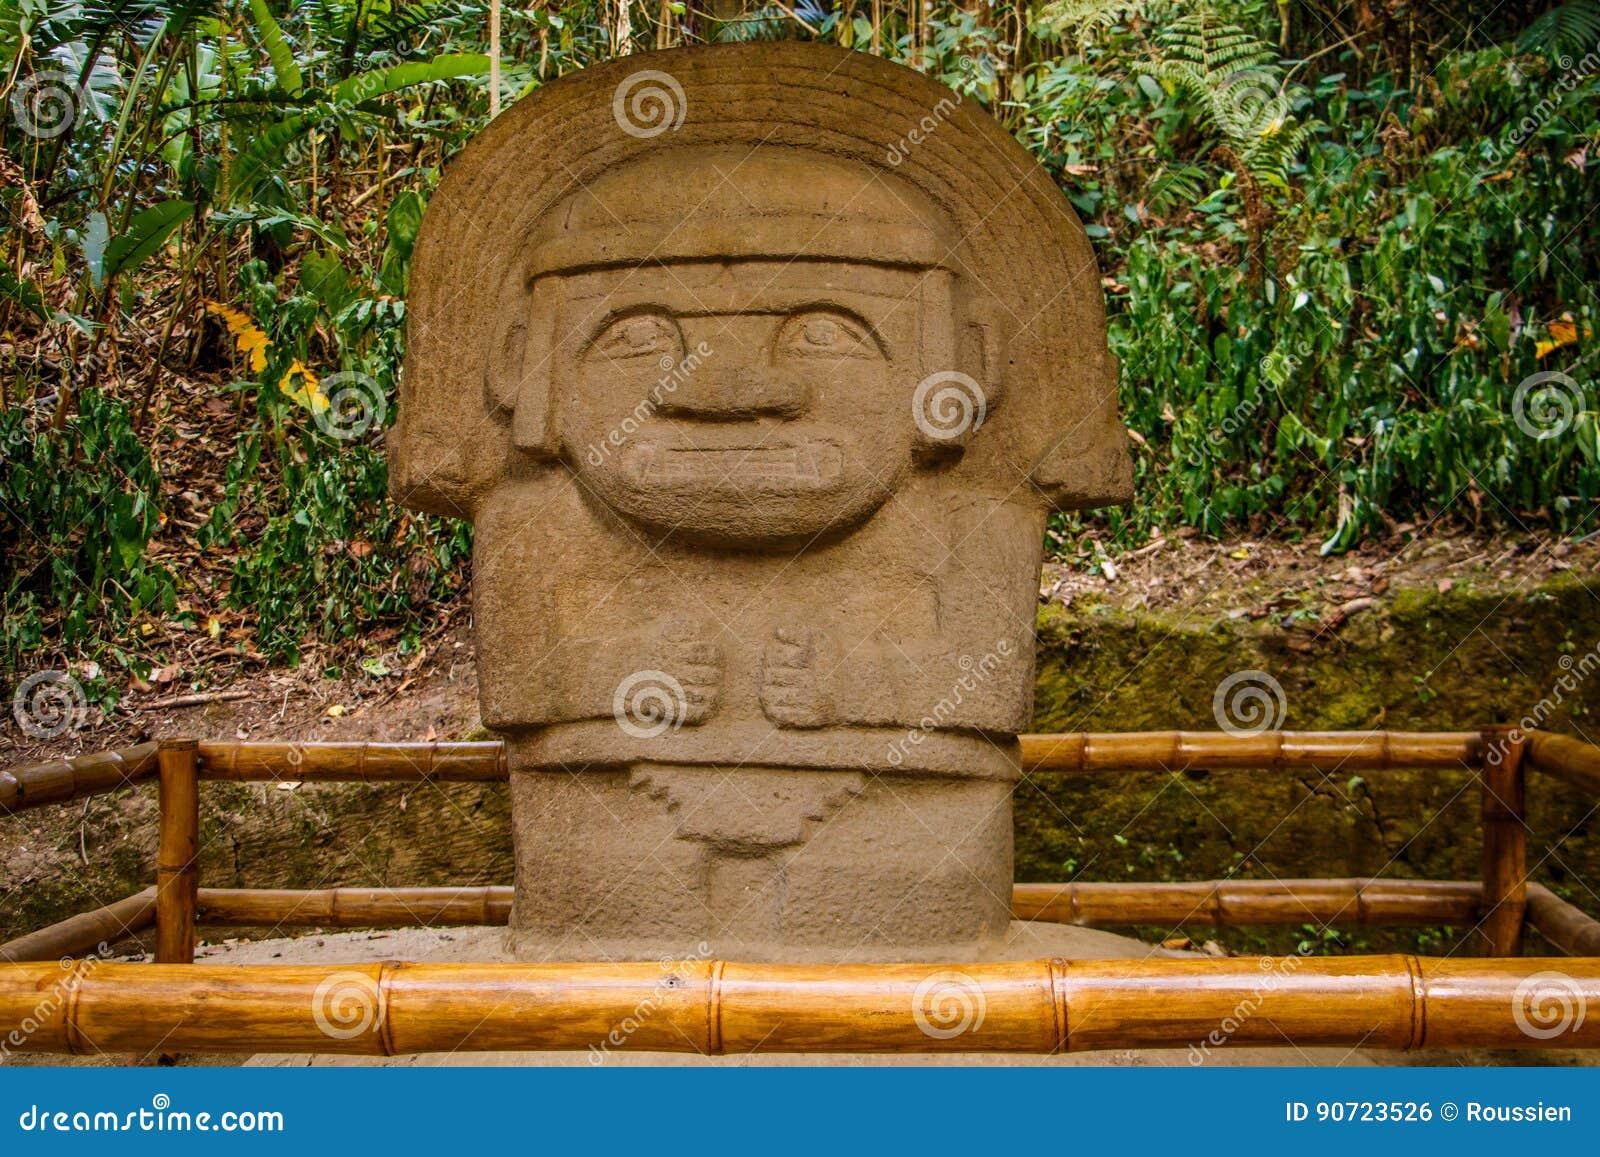 Una de las estatuas antiguas en el parque de San Agustín, Colombia